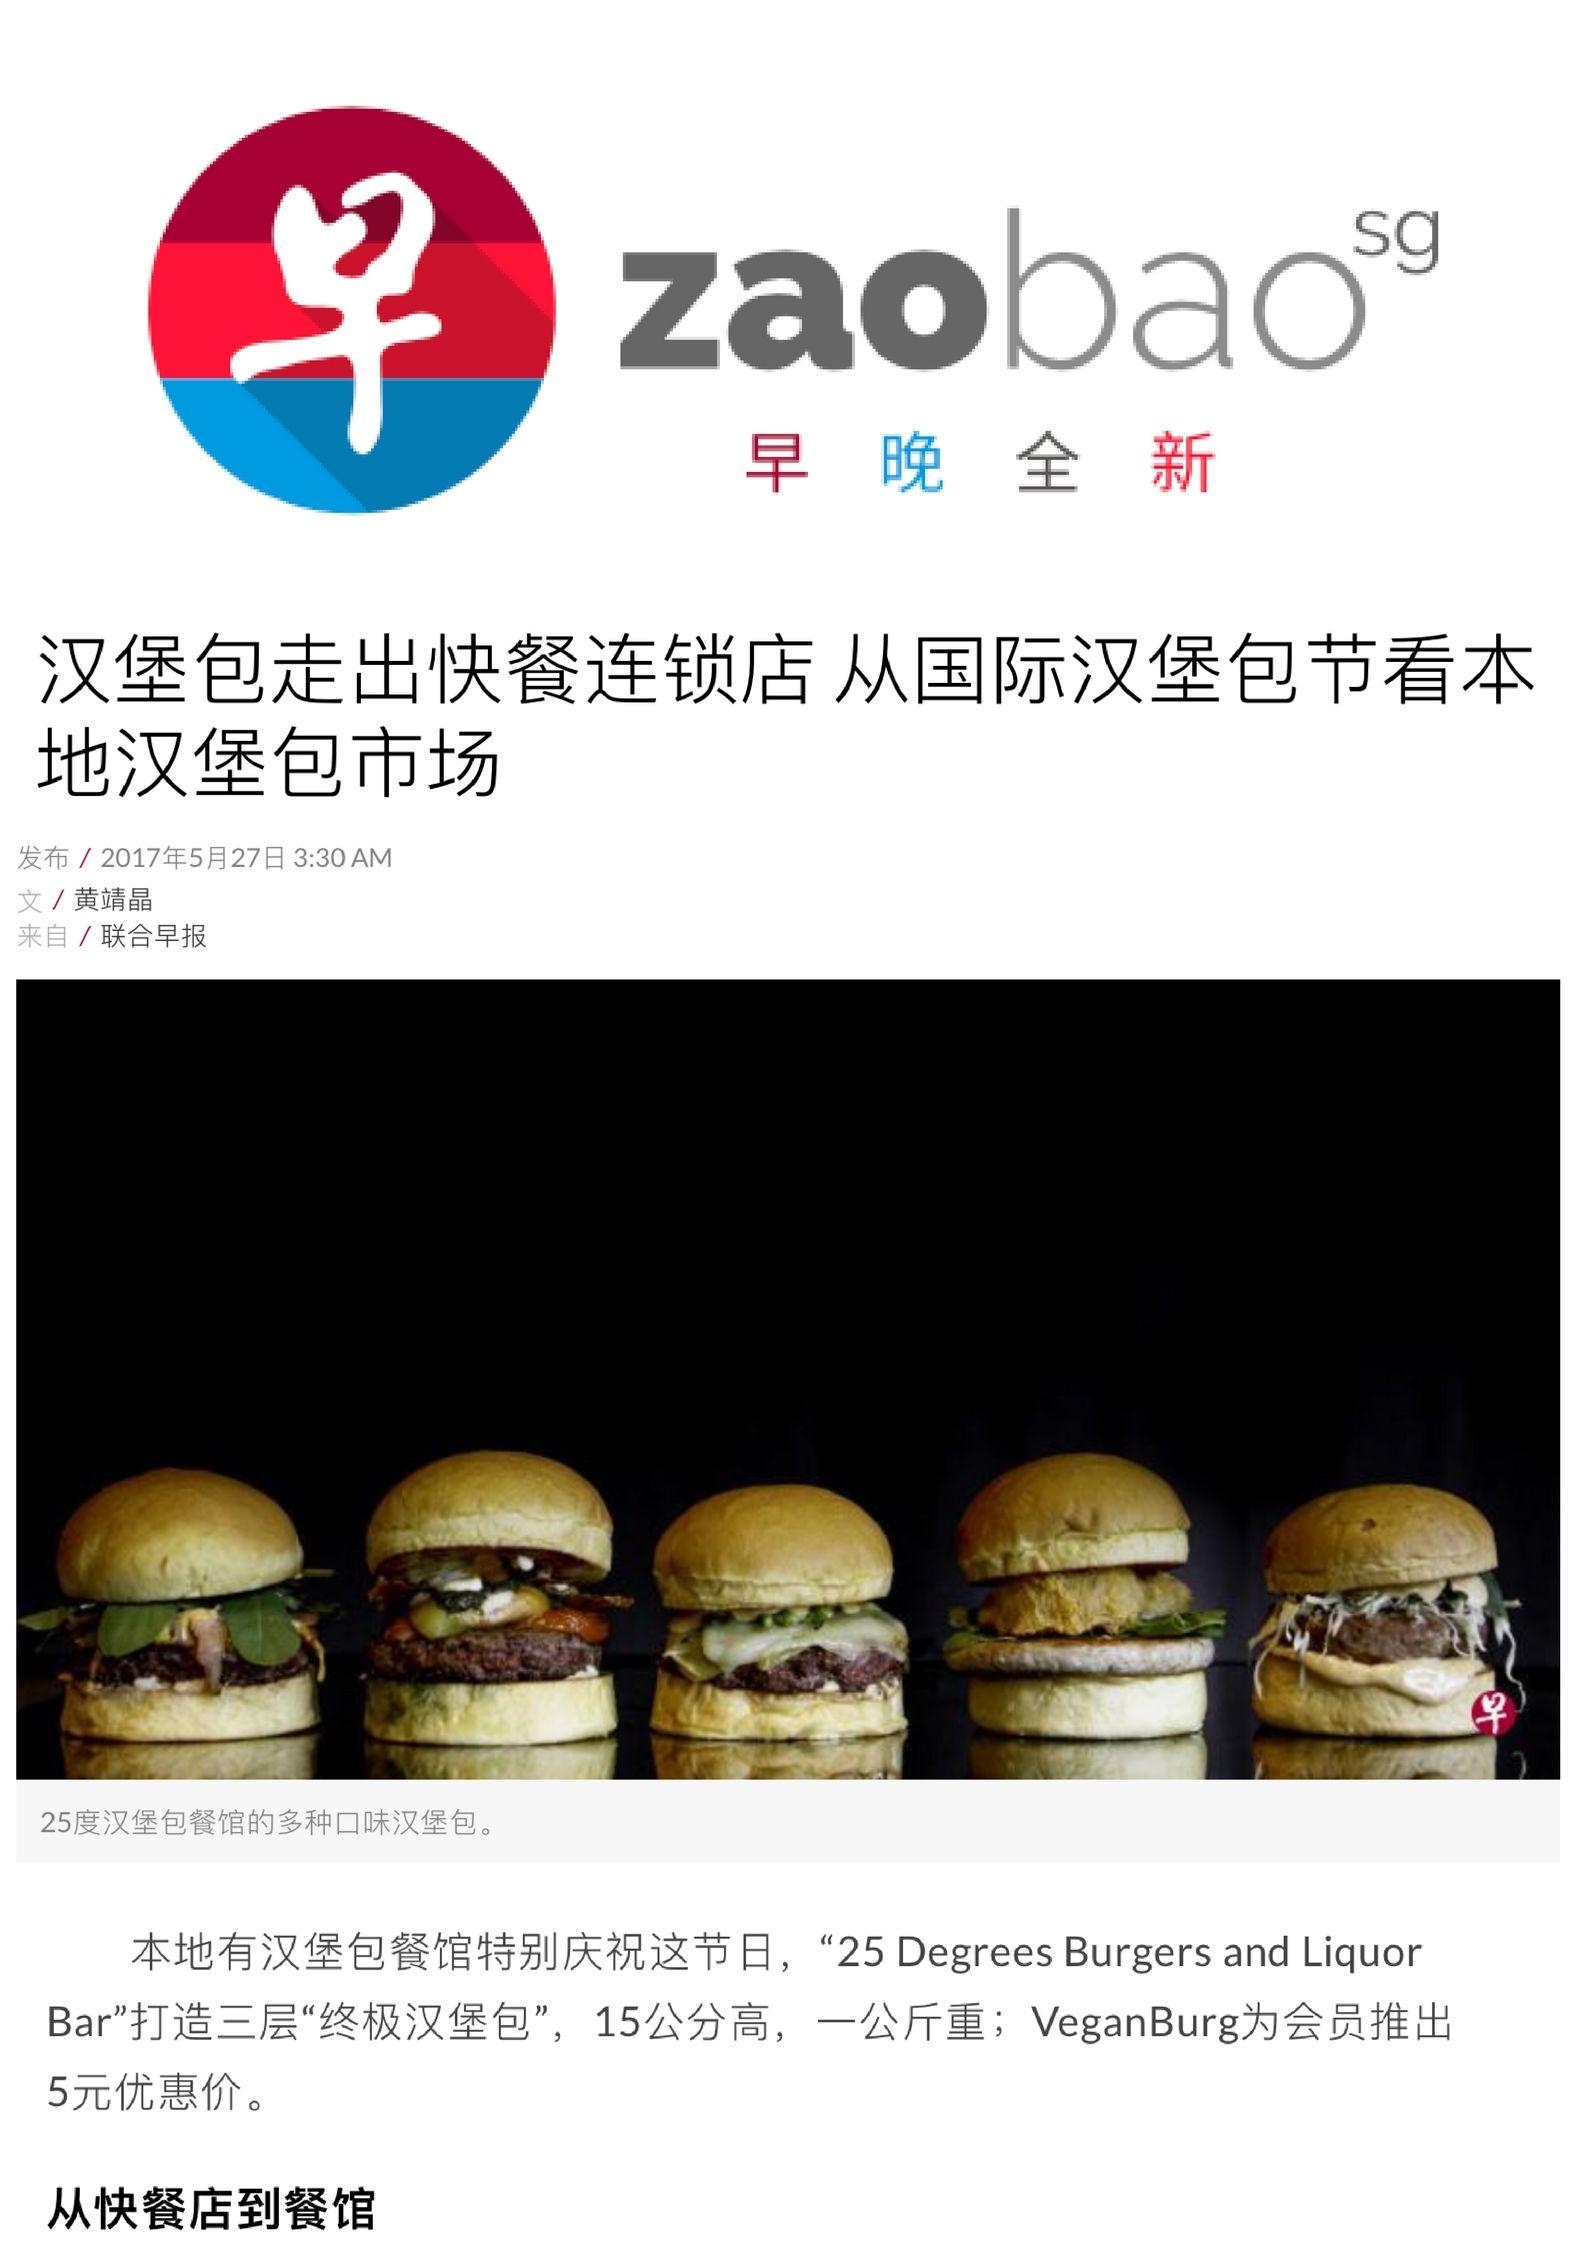 ZaoBao_ 汉堡包走出快餐连锁店 从国际汉堡包节看本地汉堡包市场.jpg